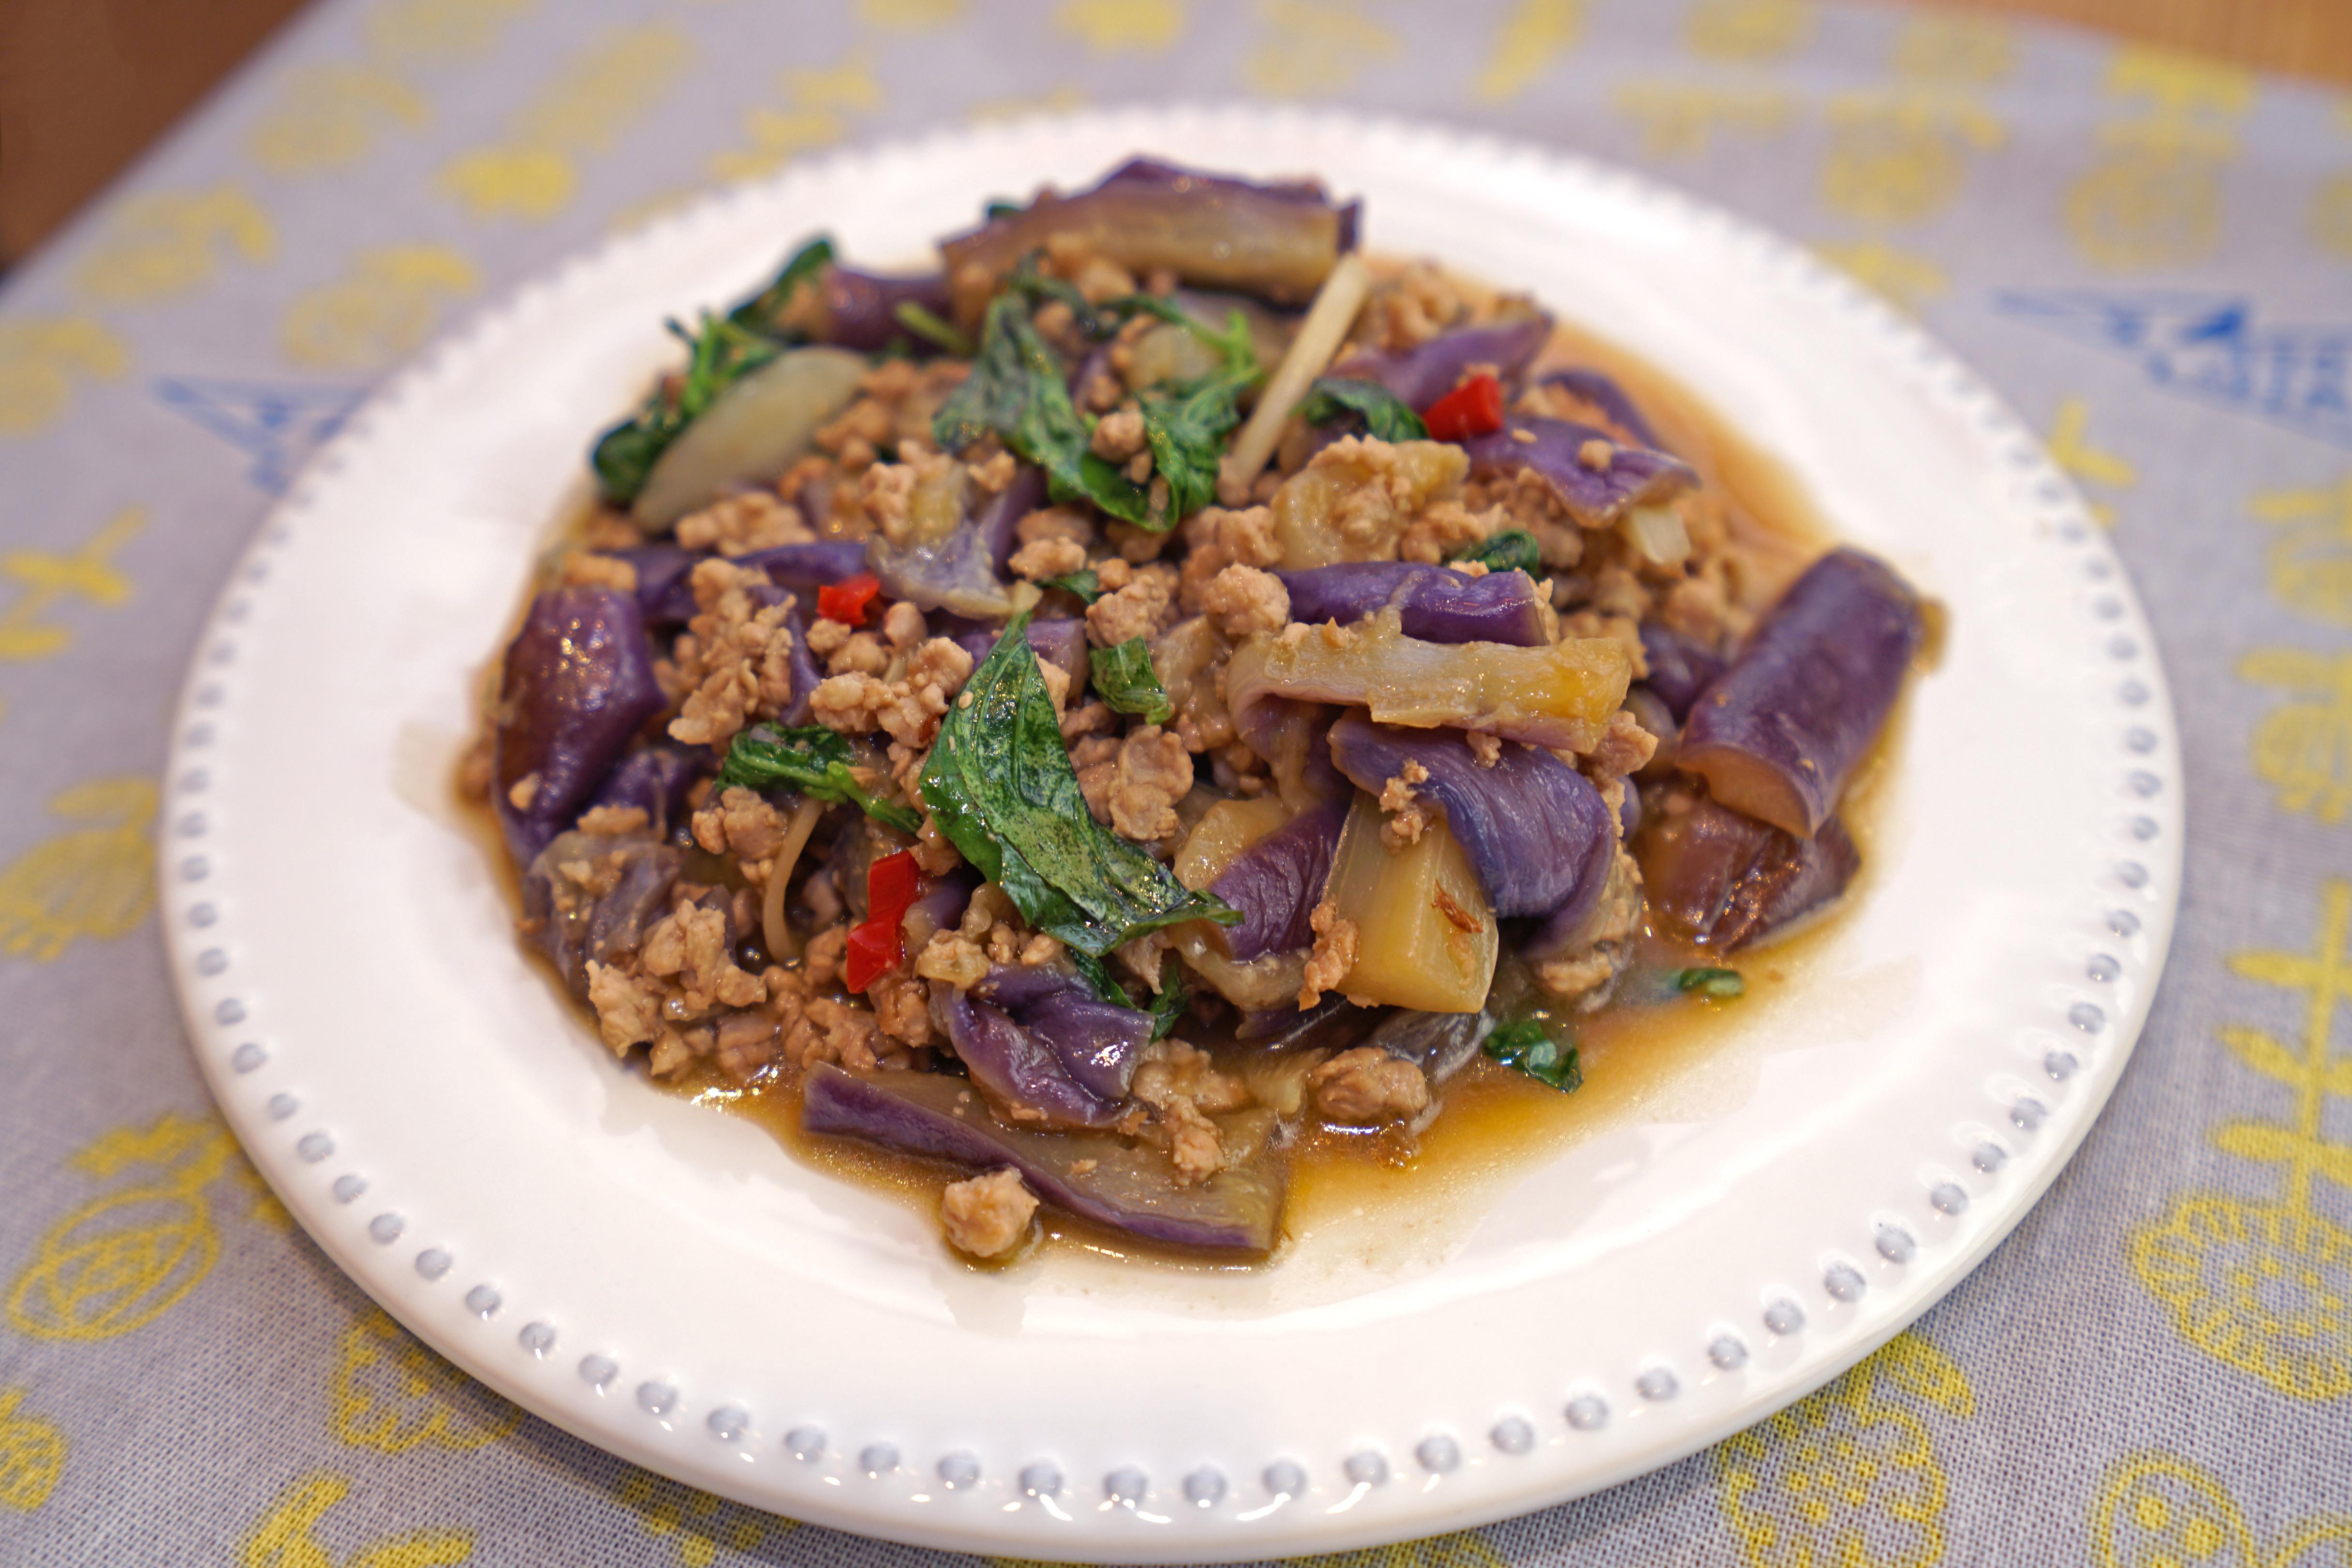 塔香茄子。用水煮法做出漂亮紫茄!